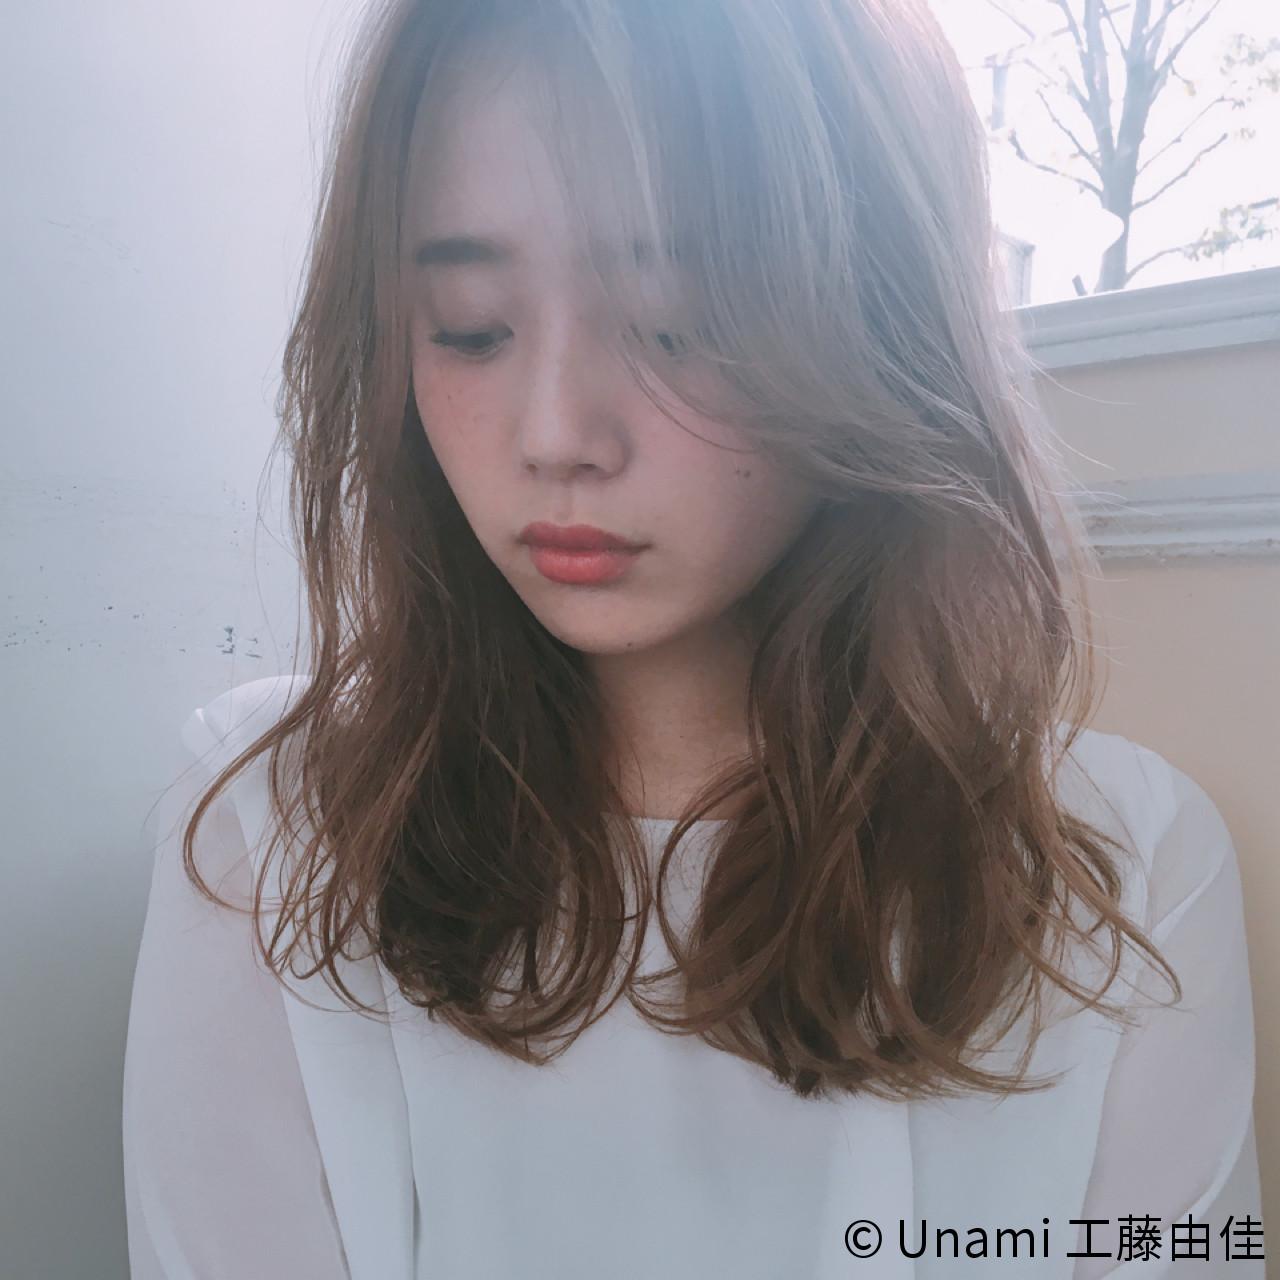 ゆるふわ 斜め前髪 パーマ 色気 ヘアスタイルや髪型の写真・画像 | Unami 工藤由佳 / Unami omotesando